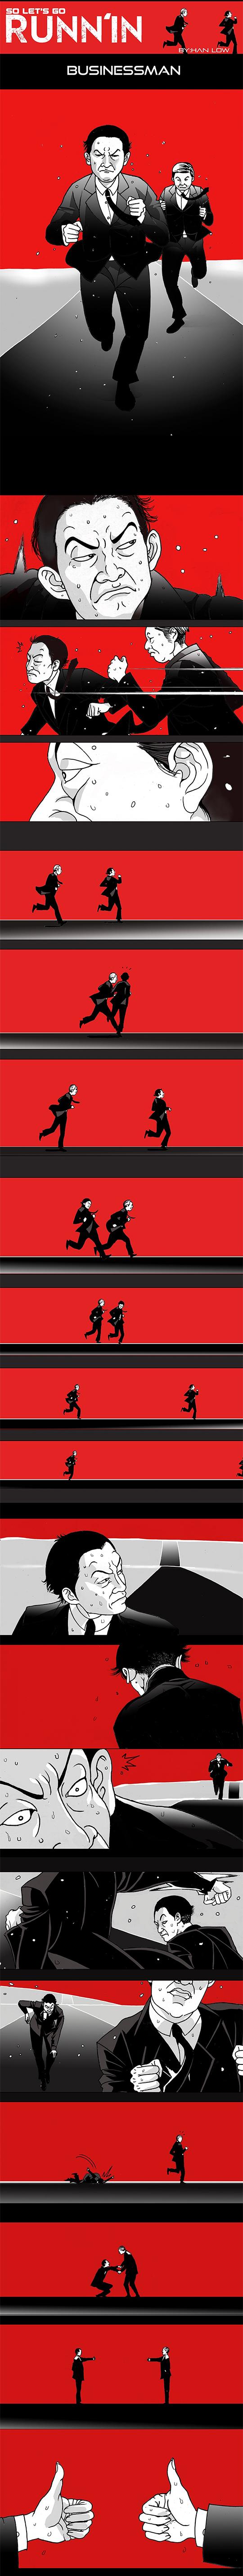 Chạy và Chạy chap 4: Thương nhân